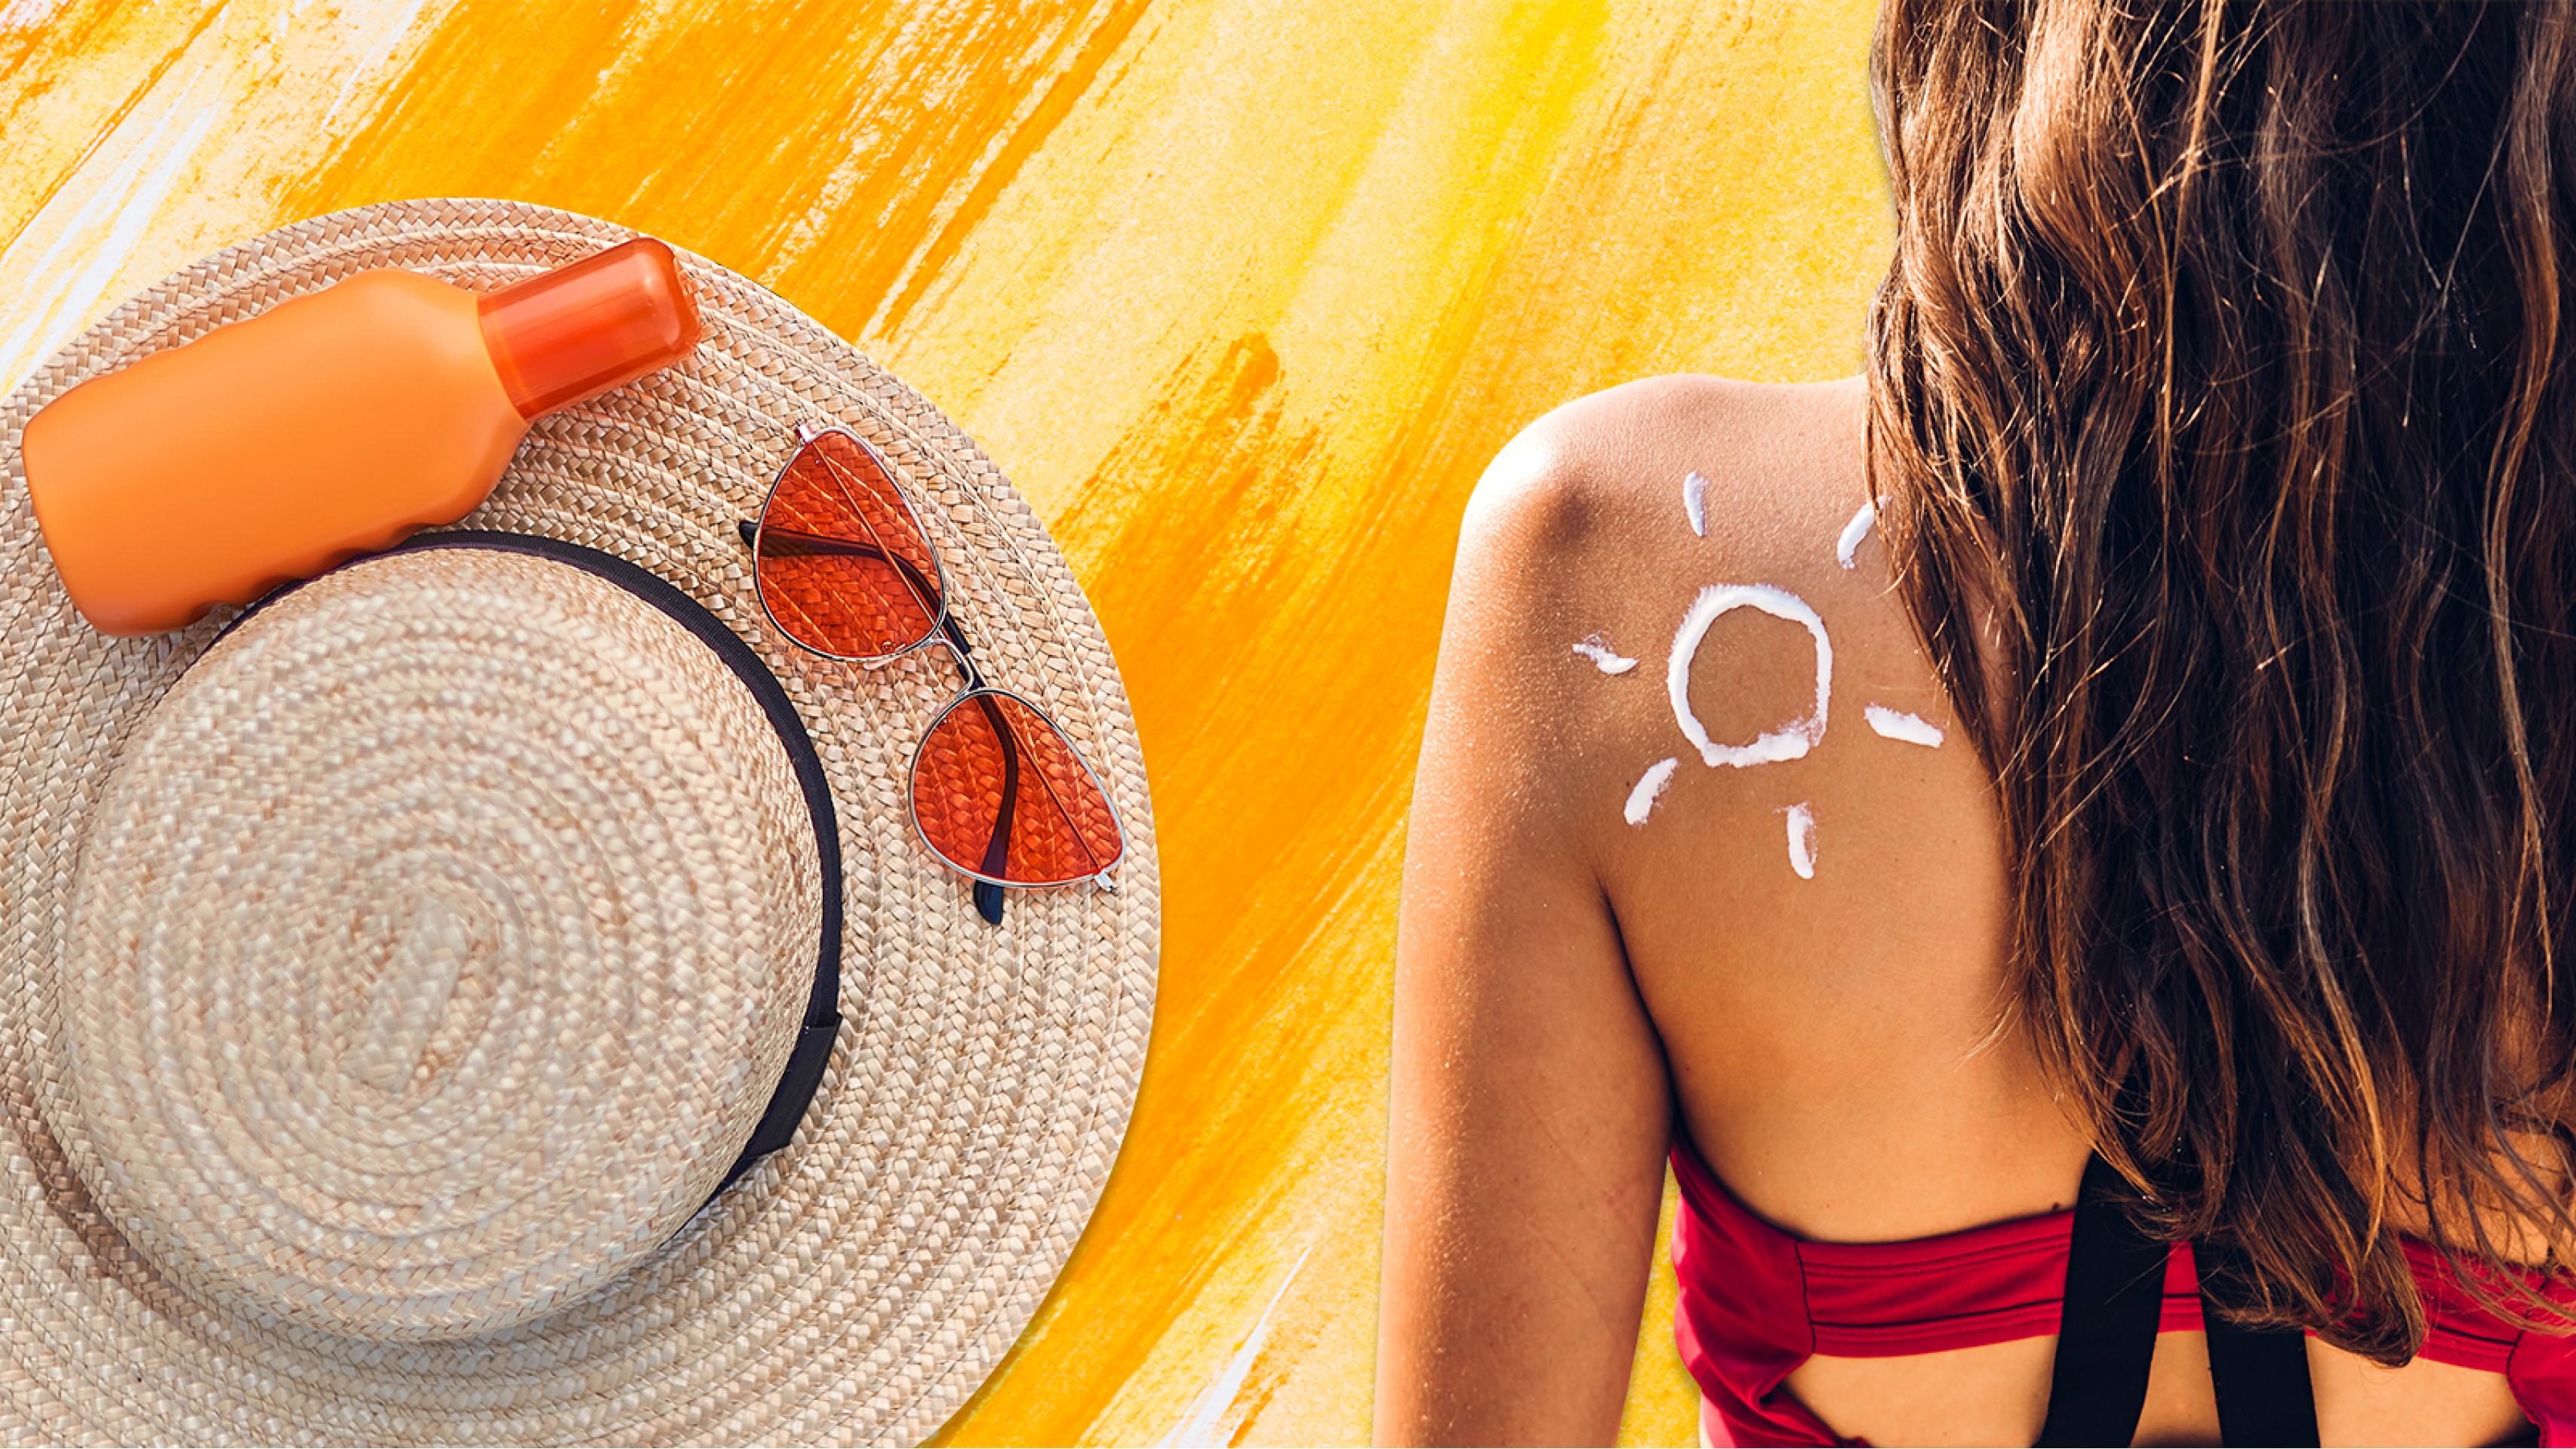 Защита от солнца: почему кремы SPF летом обязательны?